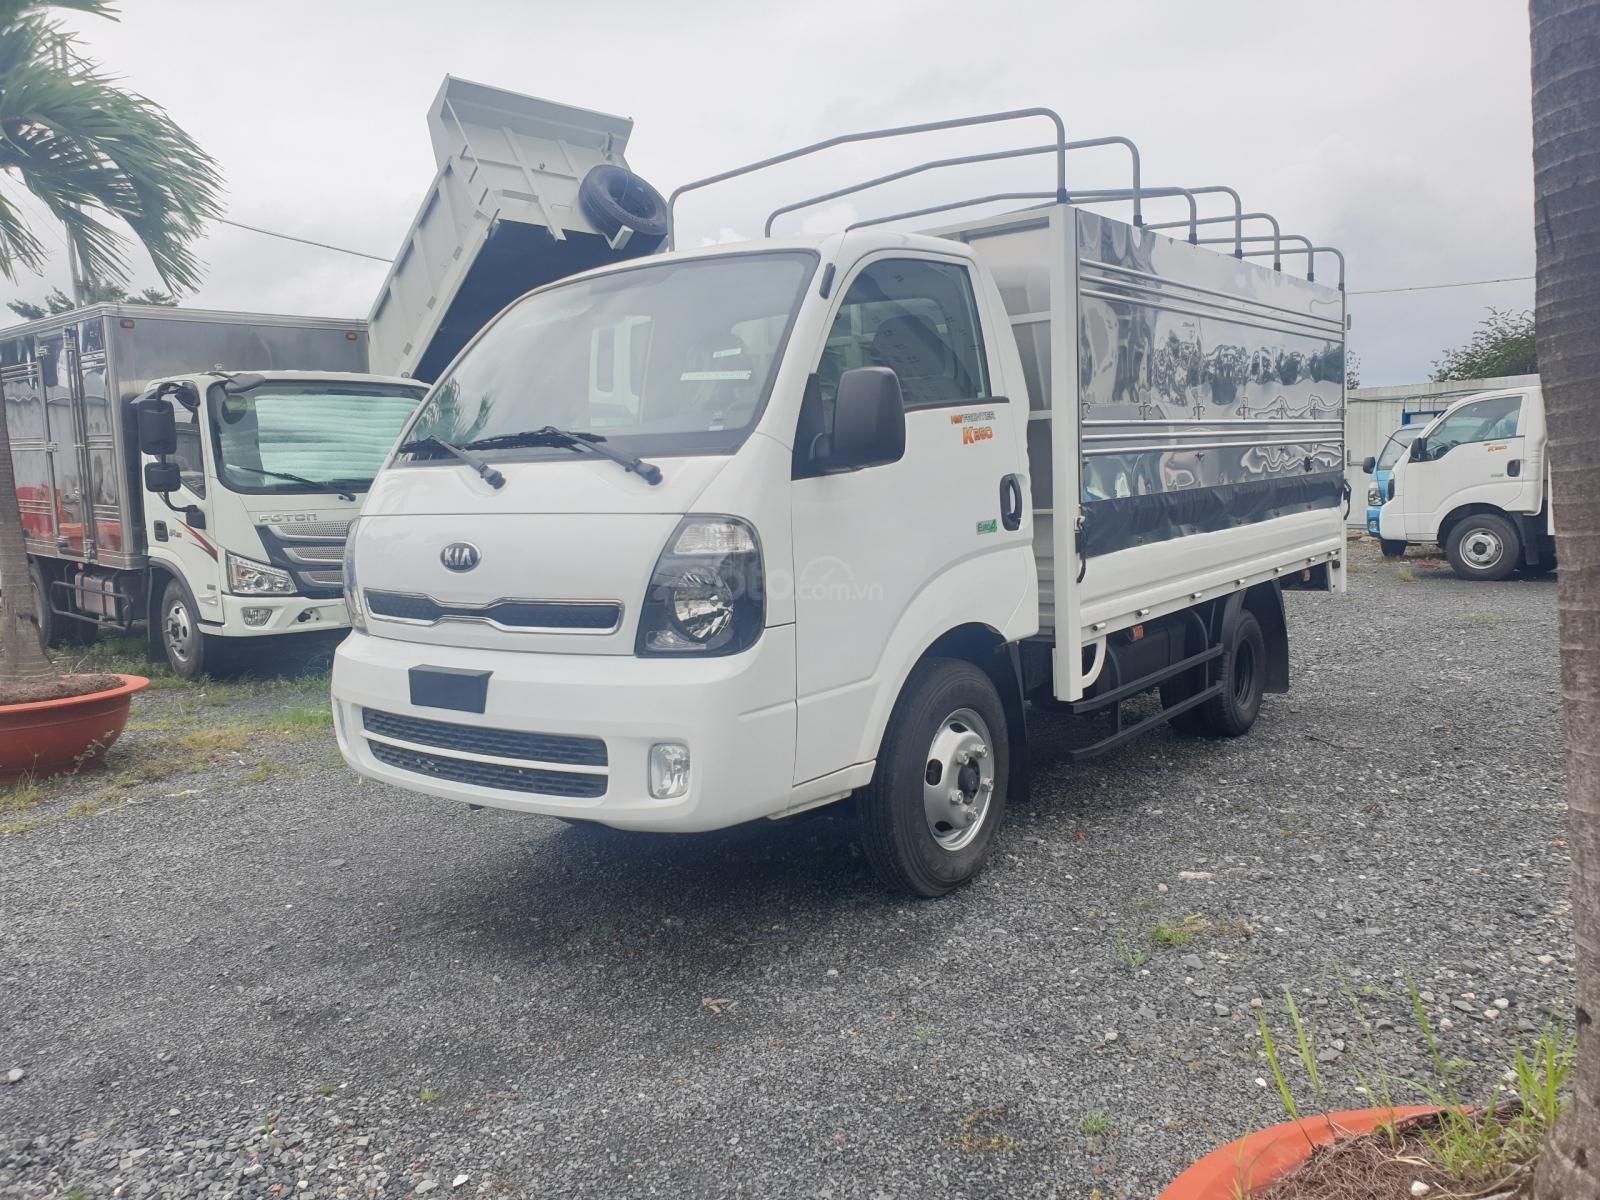 Bán xe tải Kia K250 mới 100% 370tr, hỗ trợ vay 75%, có sẵn giao nhanh (2)